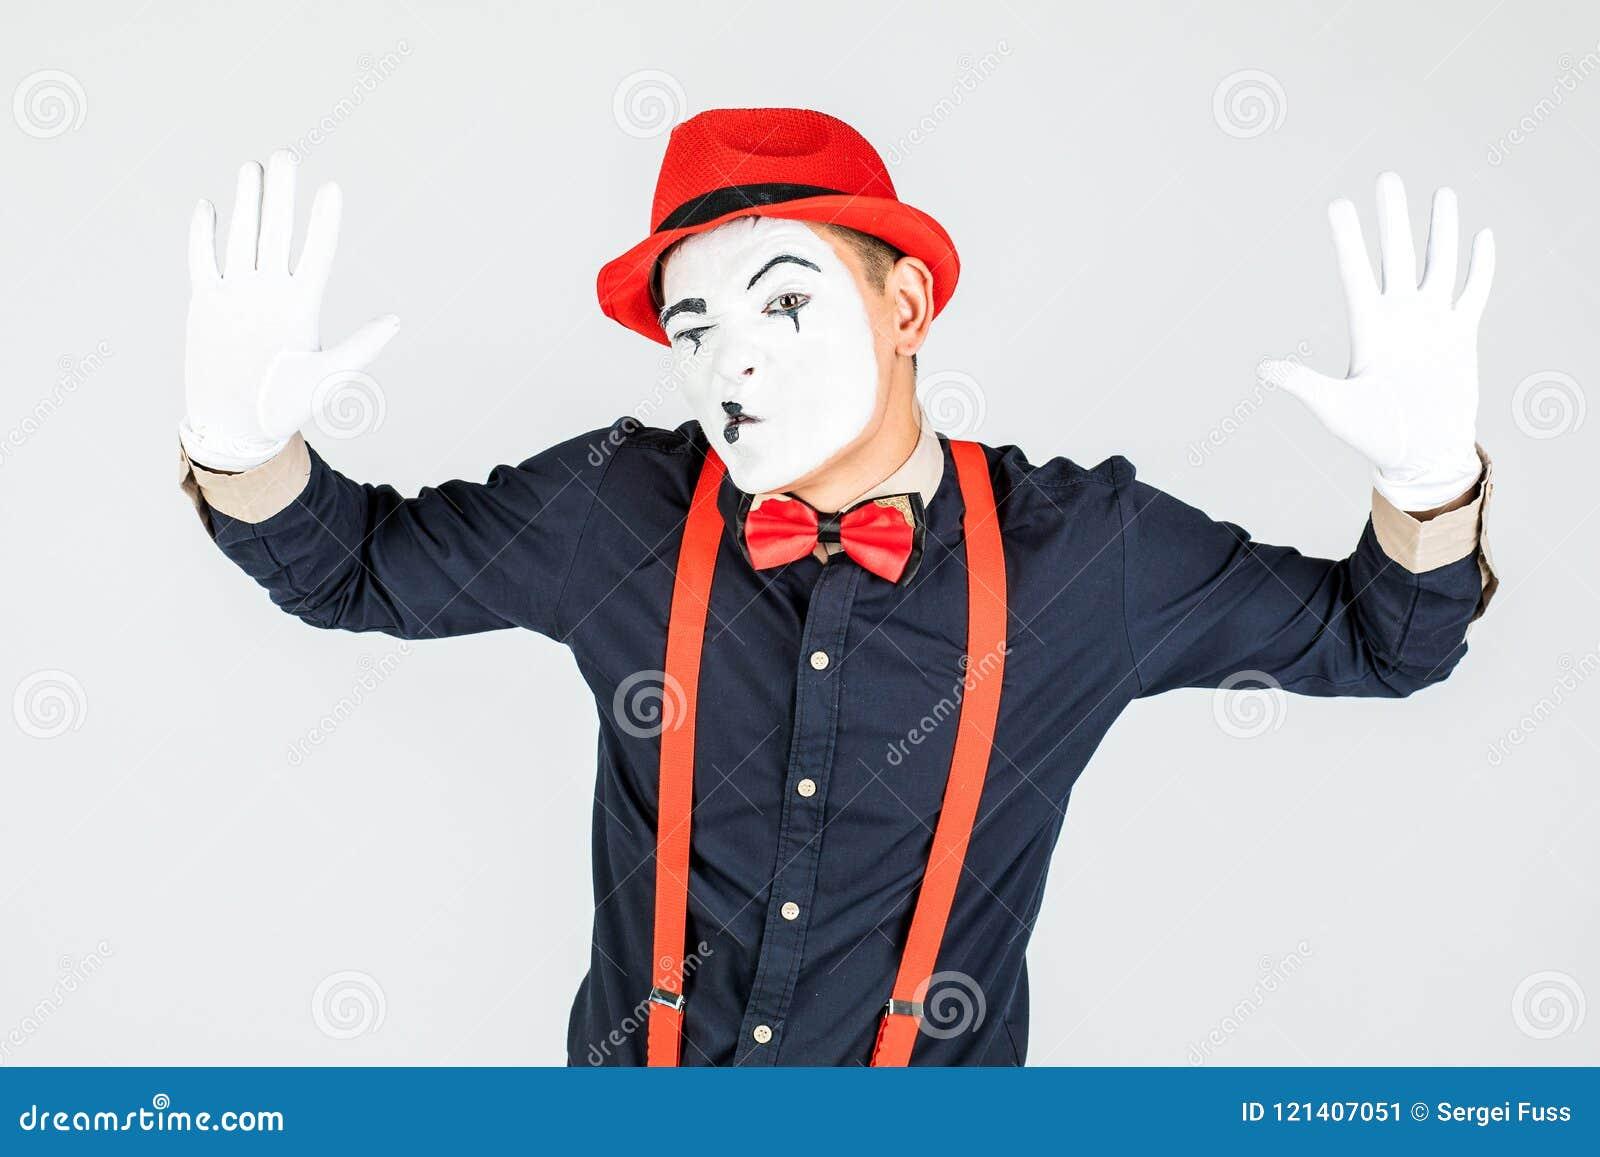 Male pantomime actor fun performing actor, pantomime, posing at